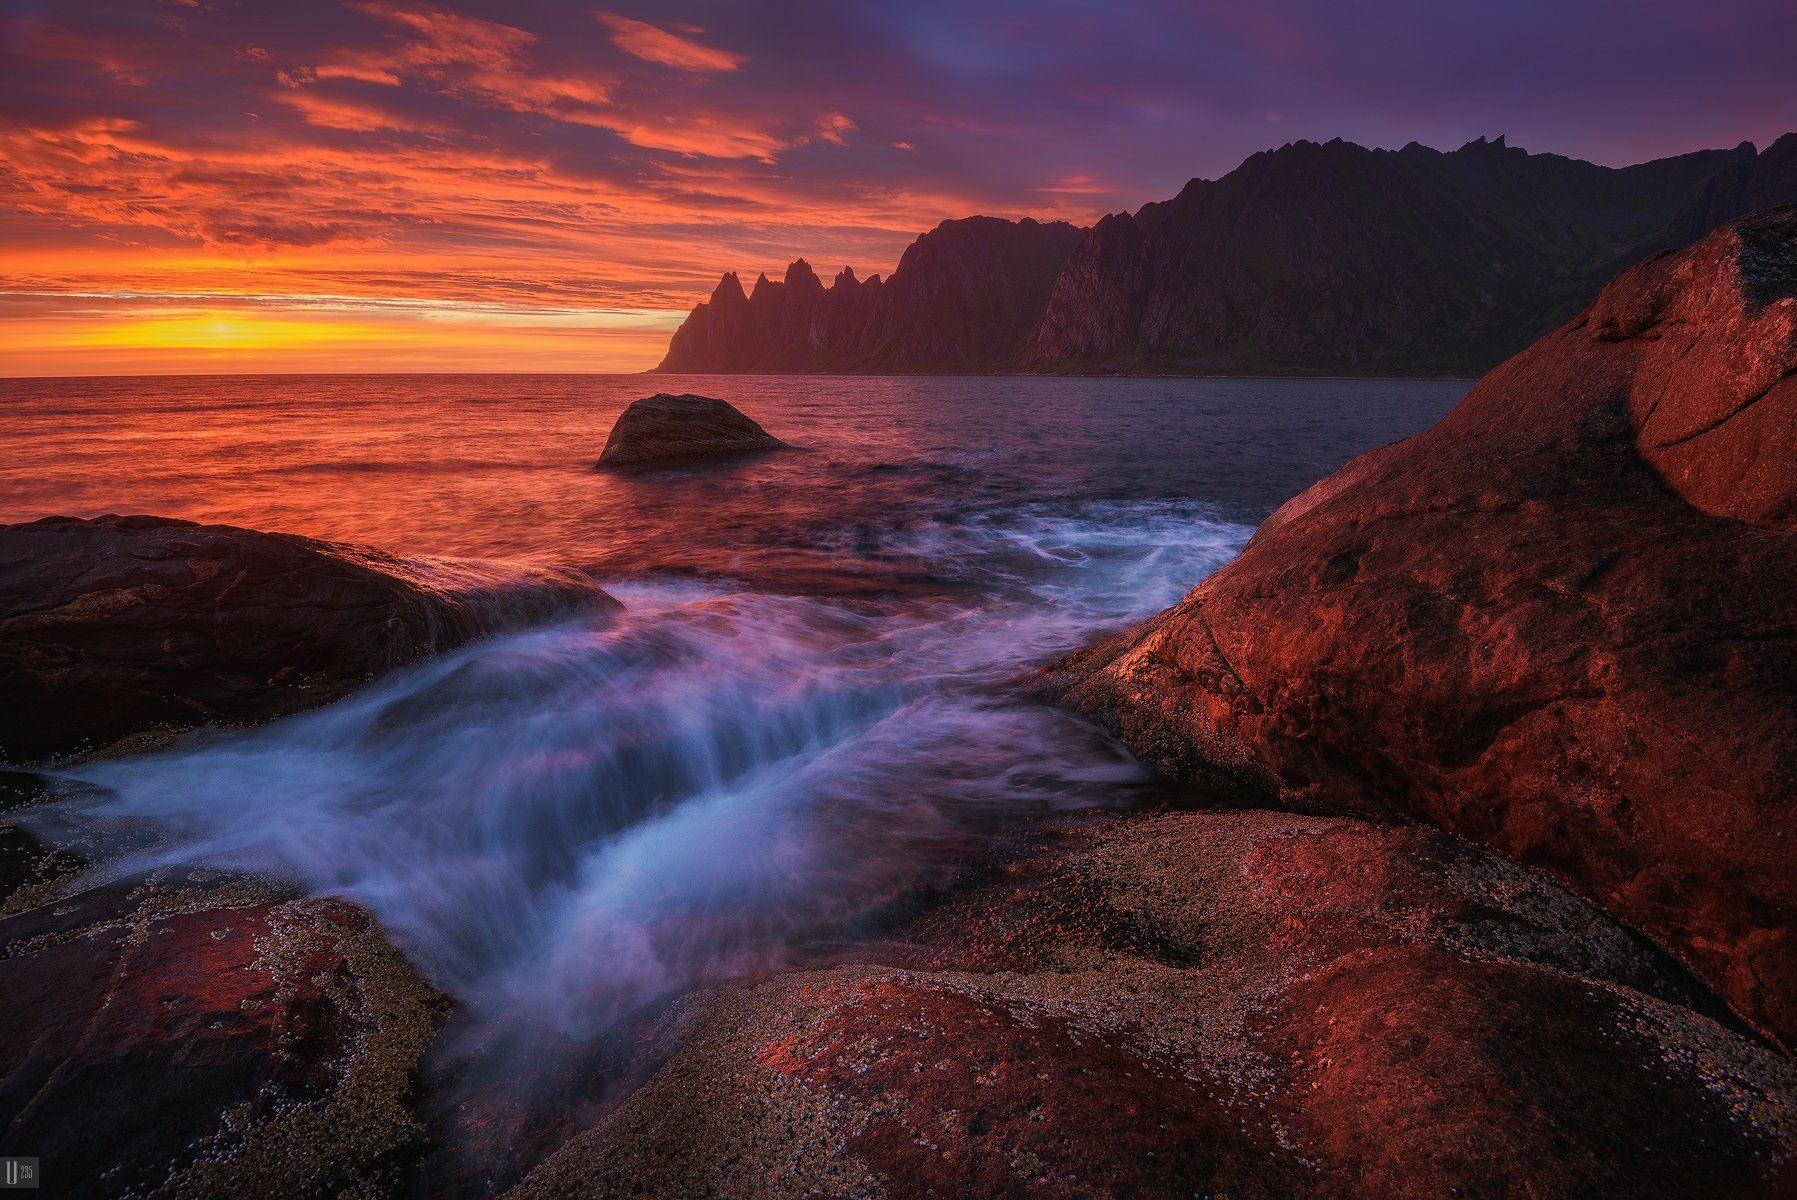 норвегия, norway, сенья, senja, остров, скалы, tungeneset, закат, тучи, море, камни, волны, U-235